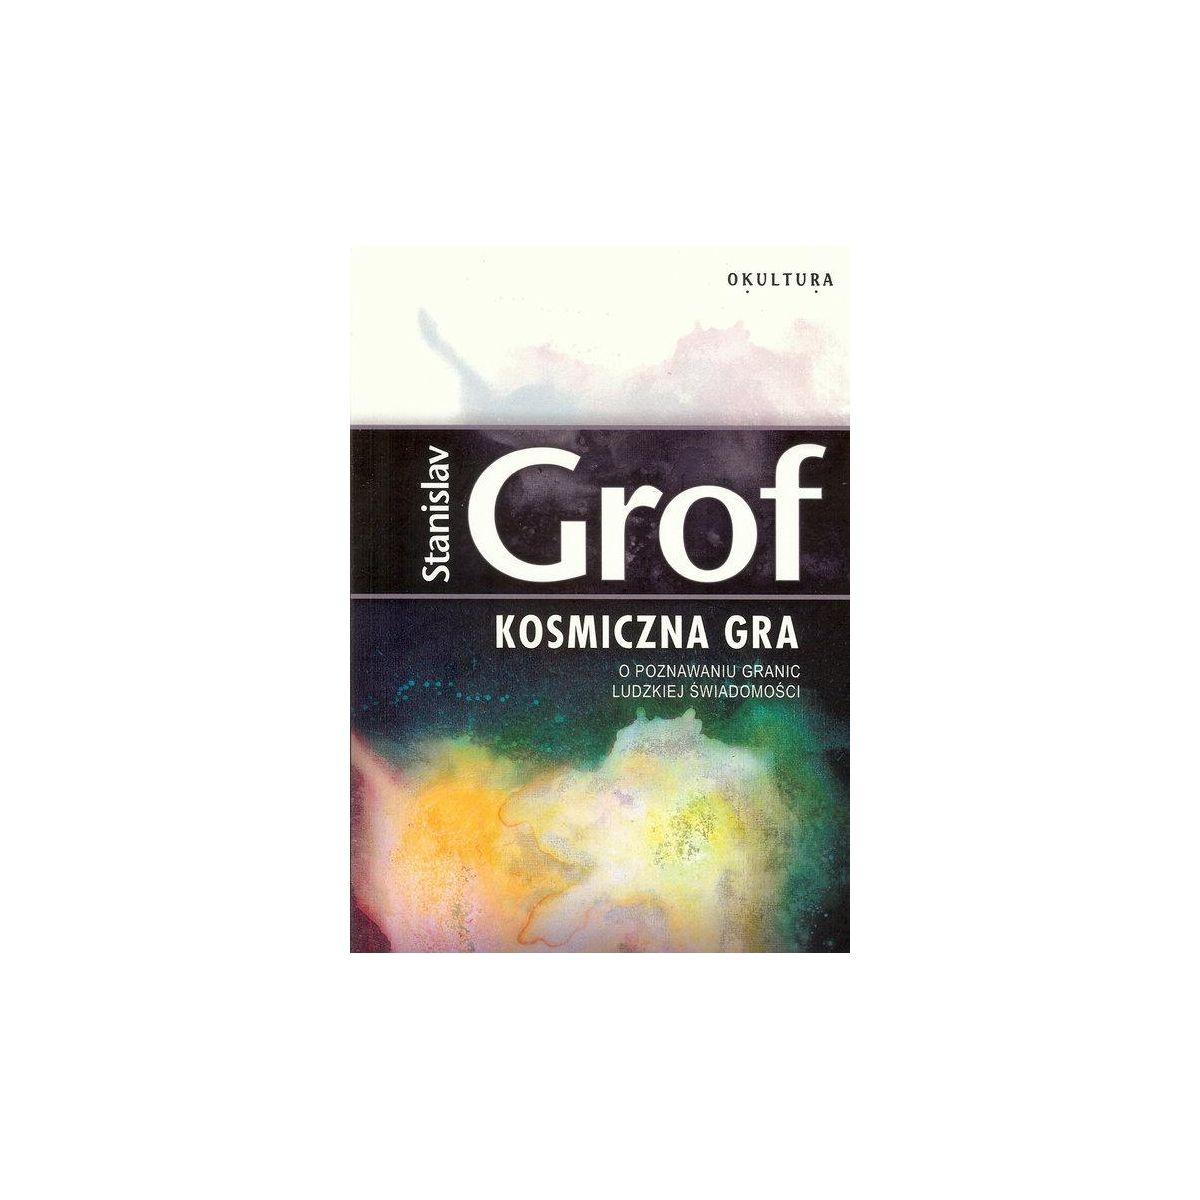 Kosmiczna gra - Stanisław Grof